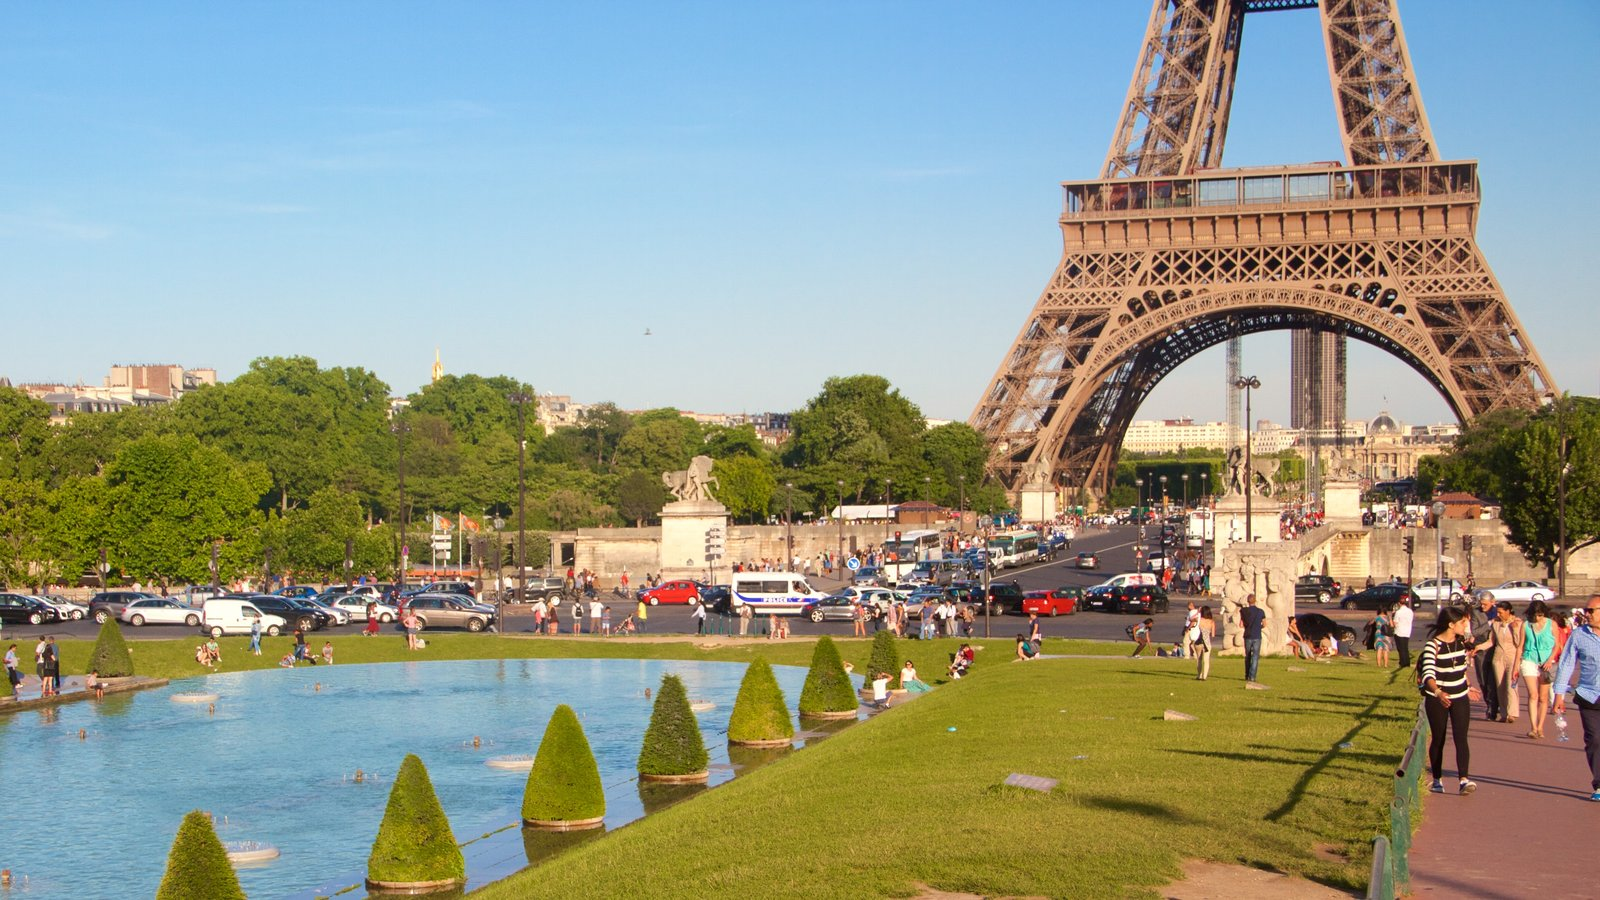 Torre Eiffel que inclui um jardim, elementos de patrimônio e um monumento